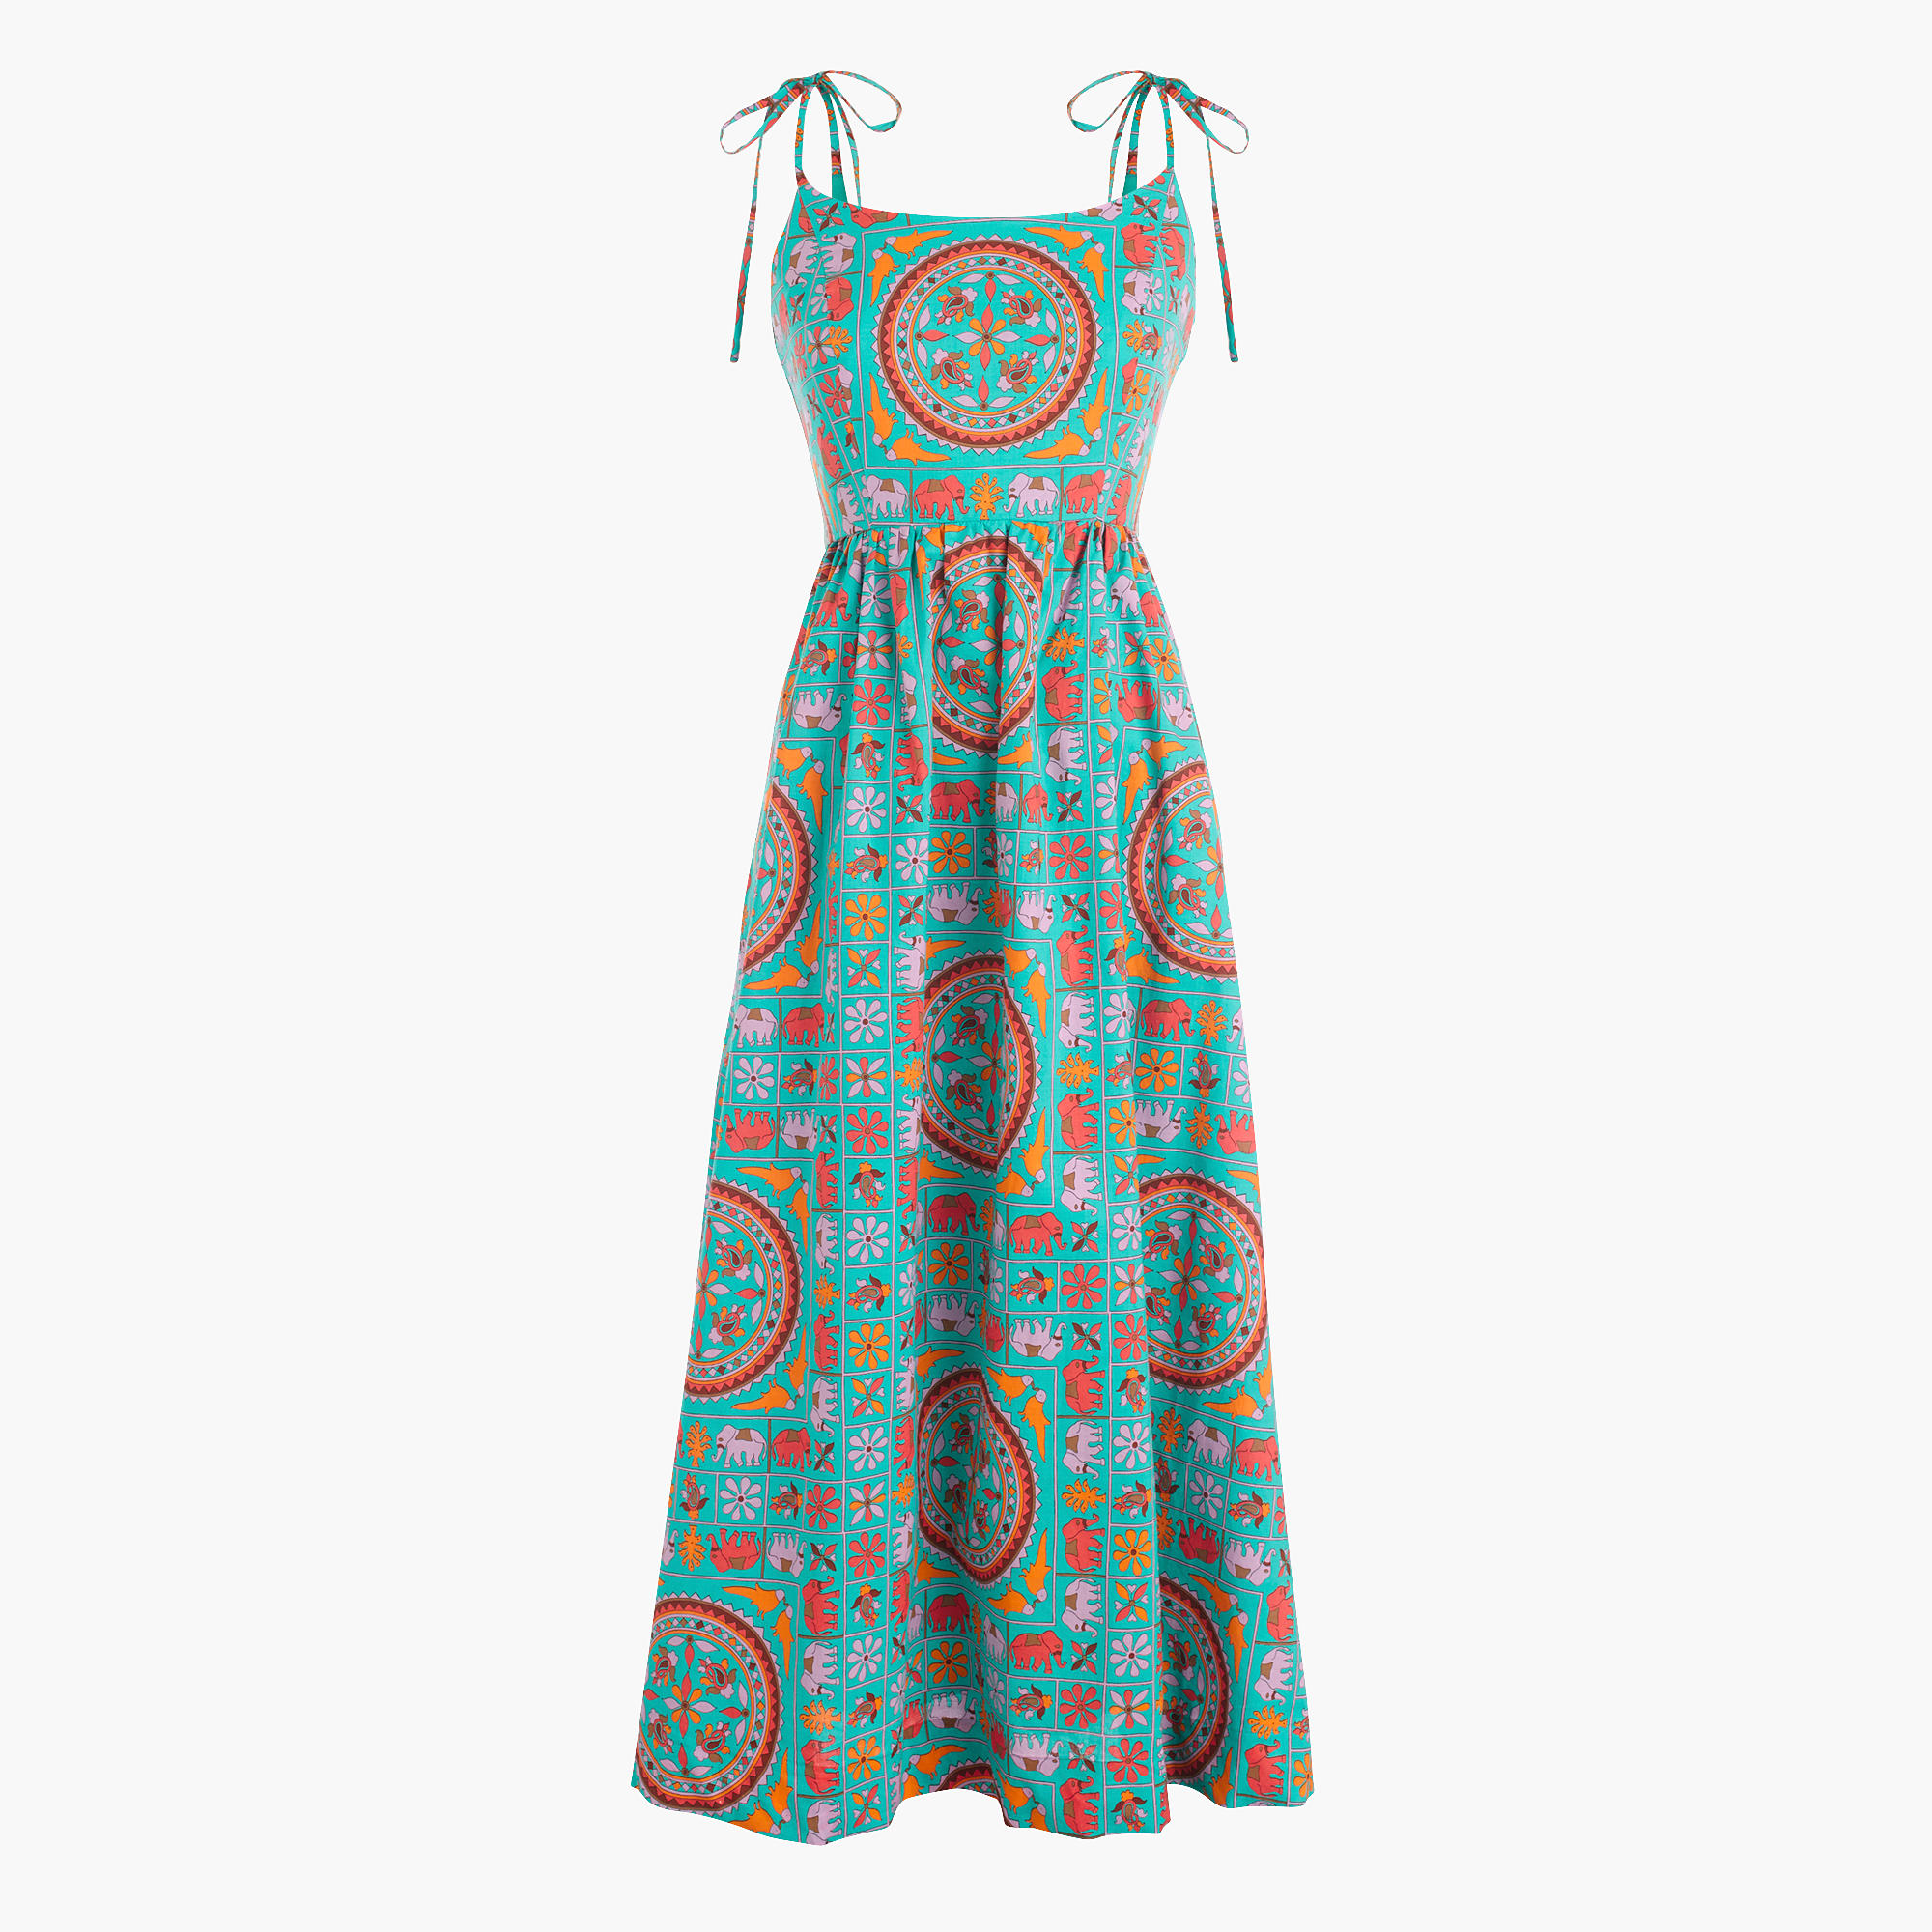 for j crew tie shoulder dress in tiled elephant print